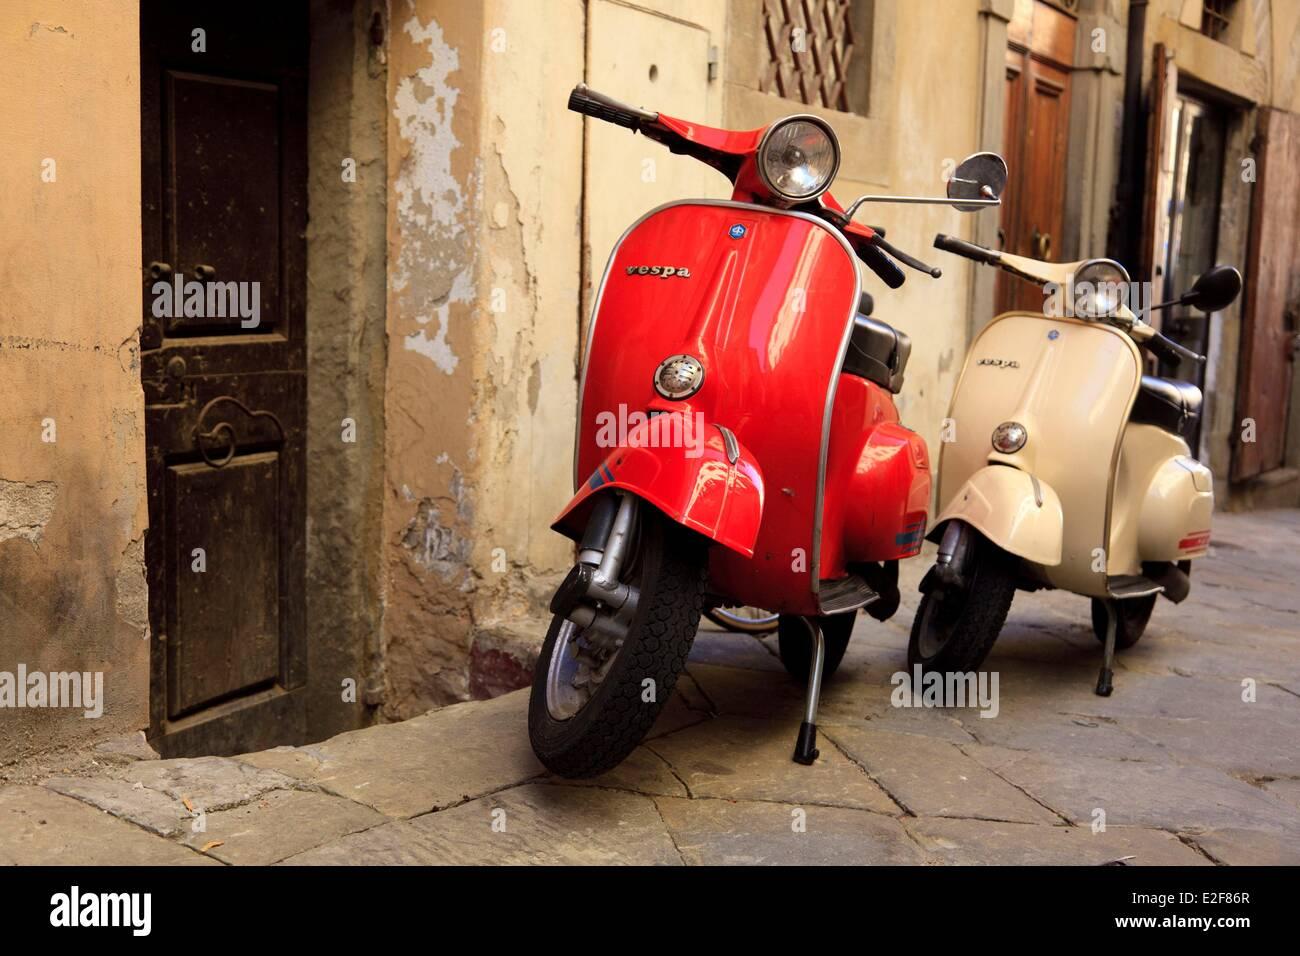 Italy tuscany arezzo vespa stock photo royalty free for Vespa com italia